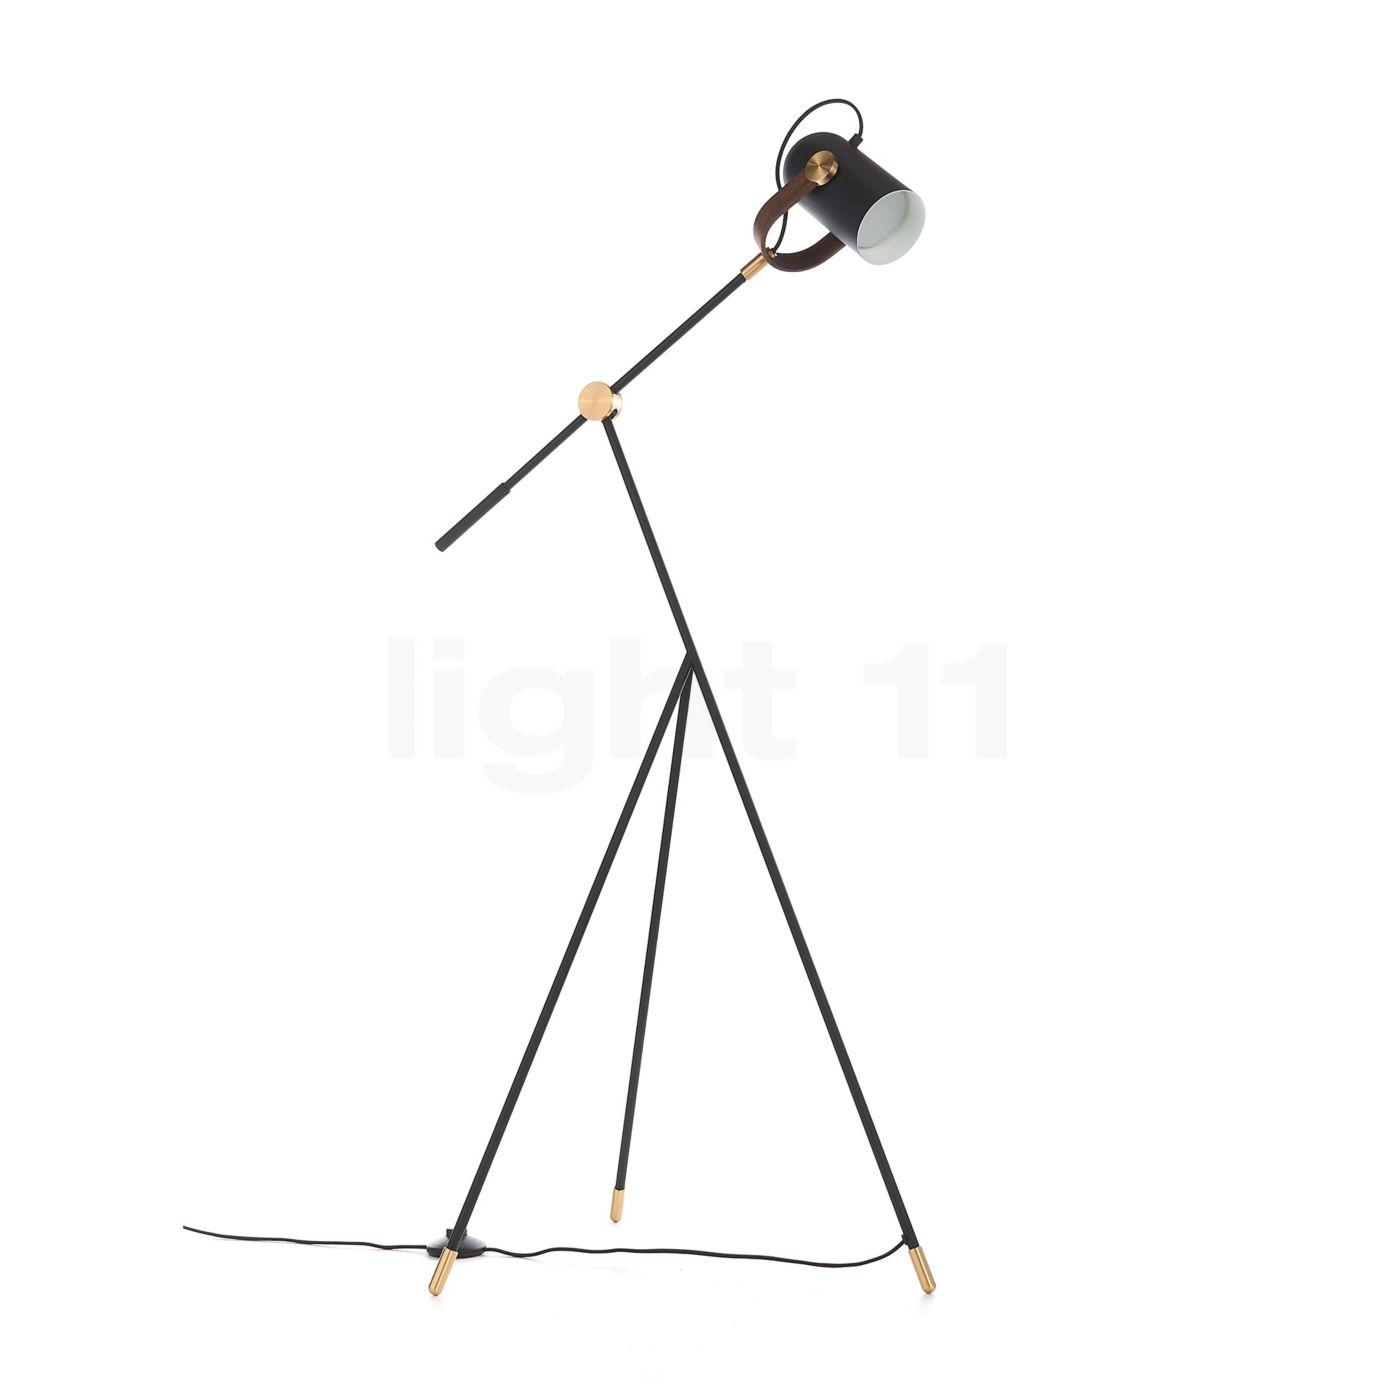 Lampe Pour Le Poste De Travail Le Klint Carronade Lampadaire Low